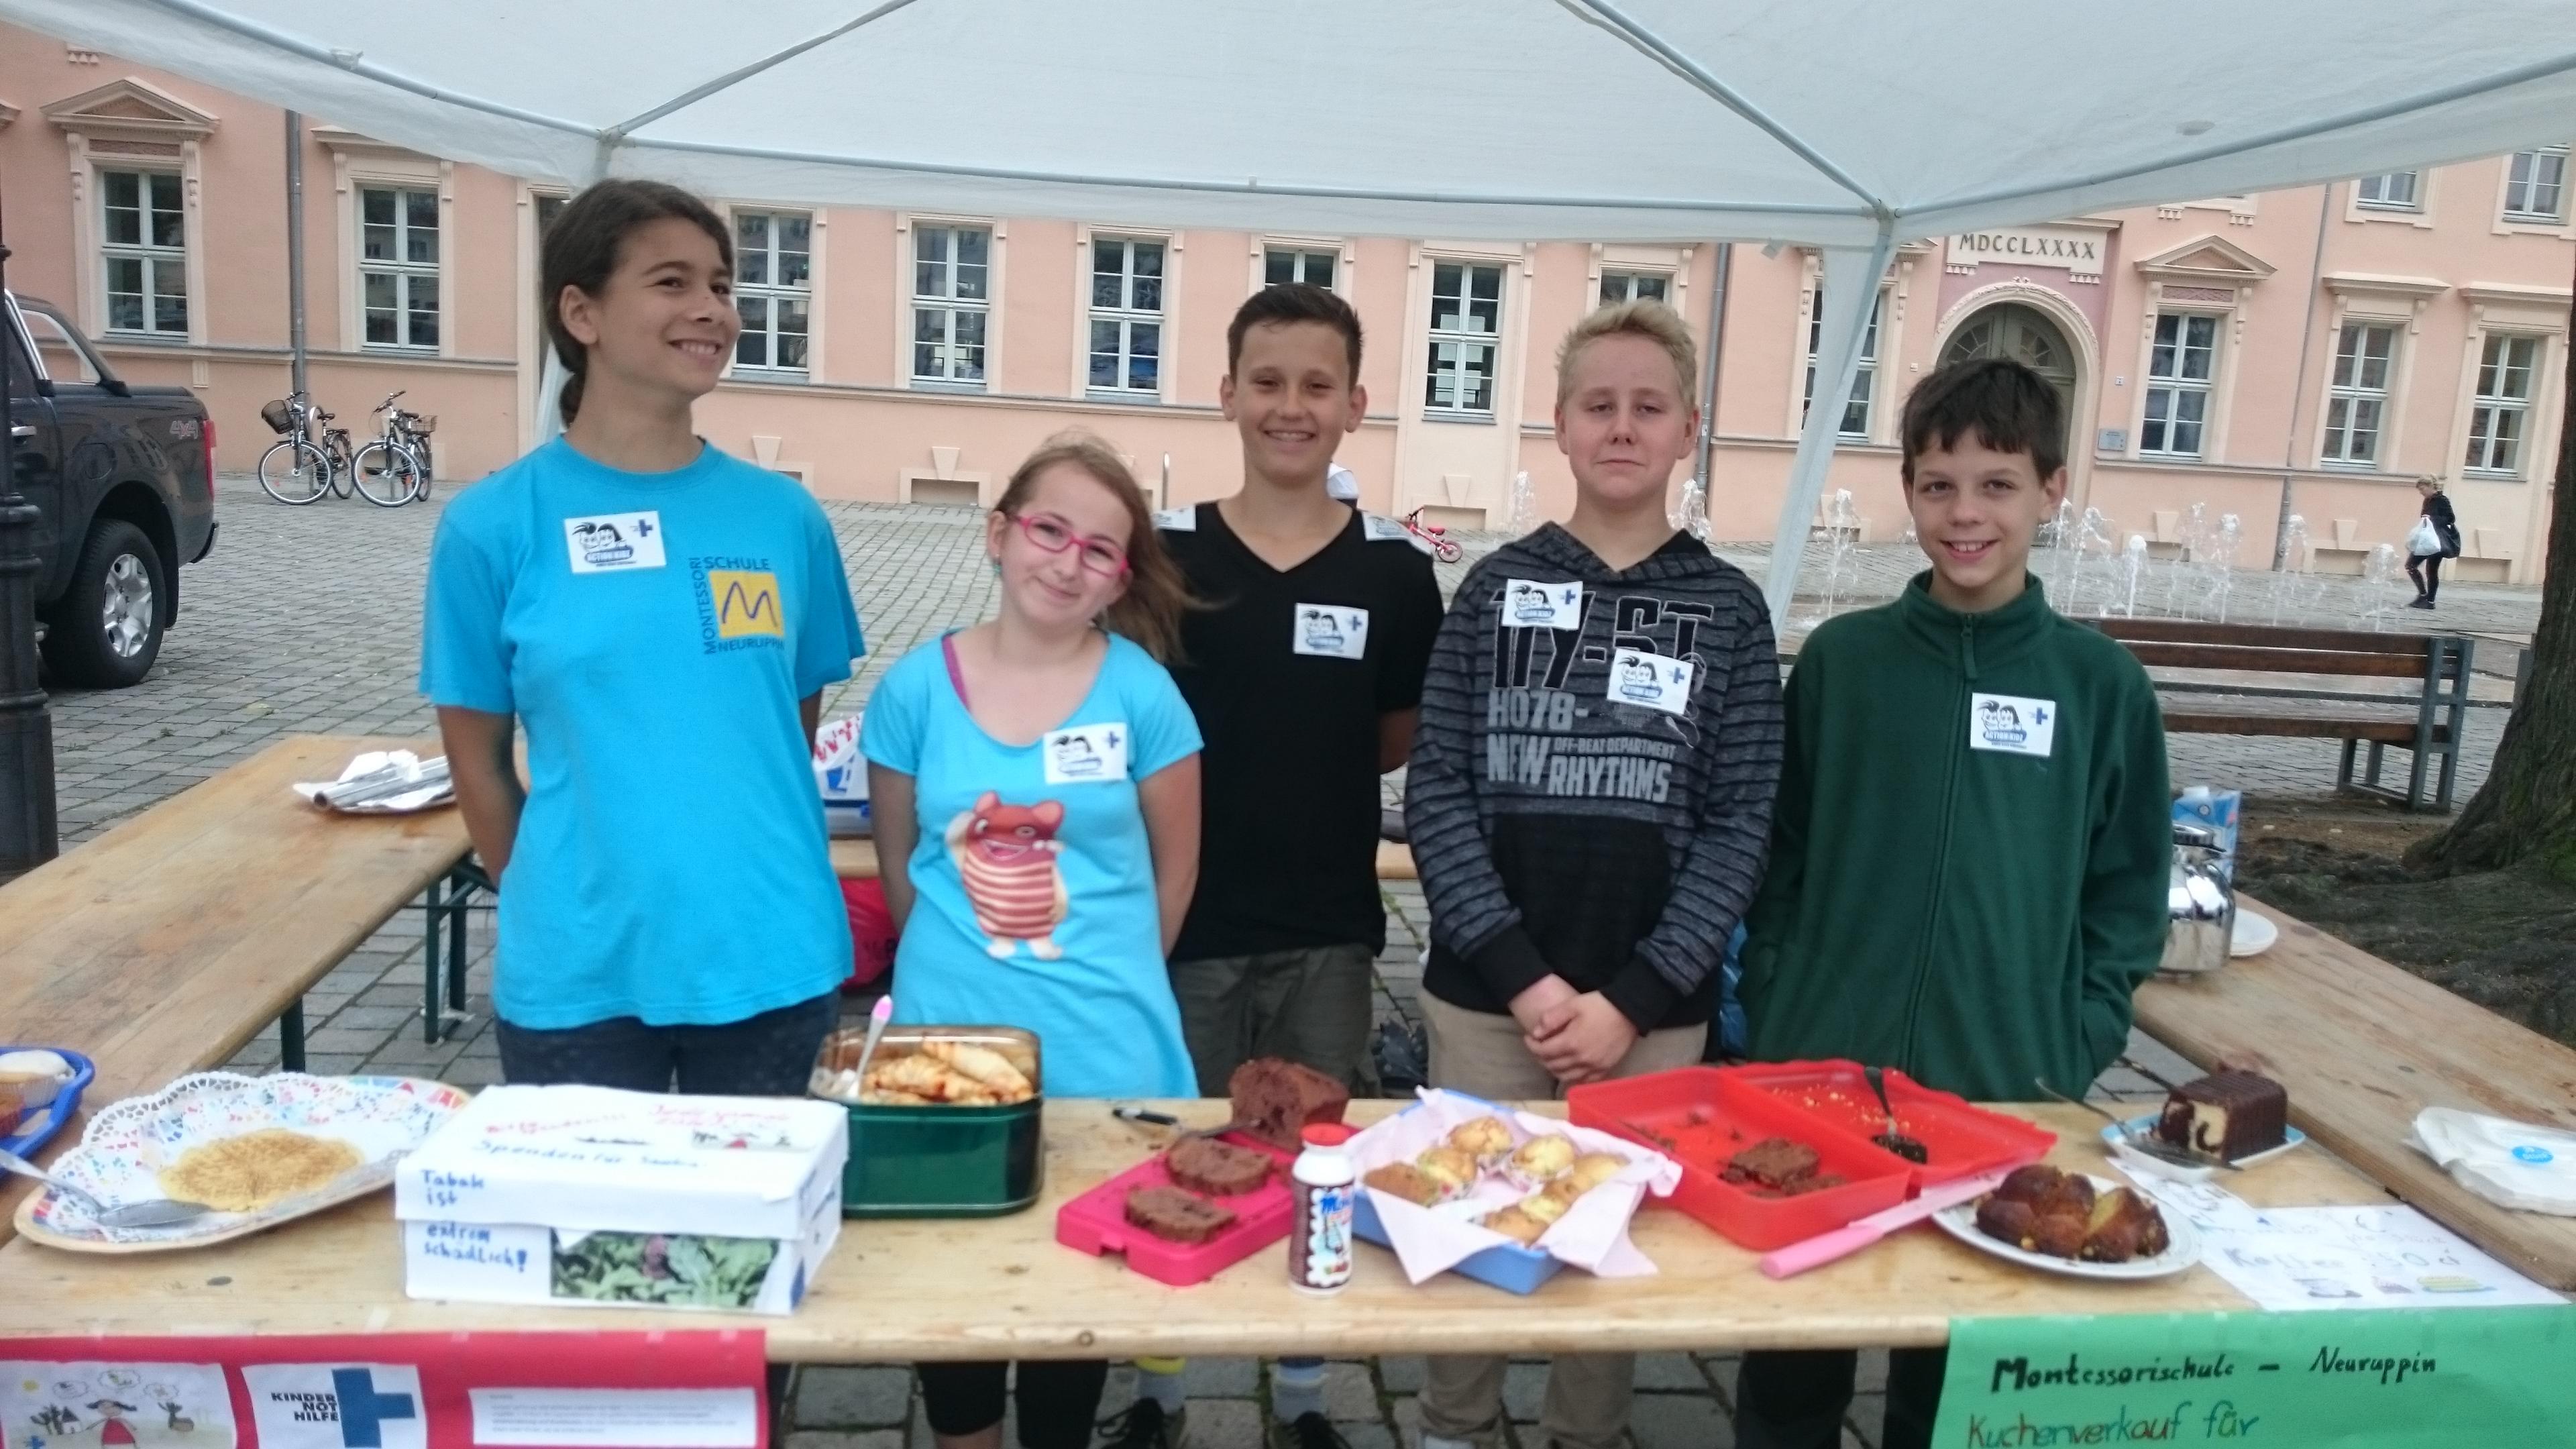 Action!Kidz der Montessori-Grundschule in Neuruppin mit ihrem Kuchenbüffet! (Quelle: privat)